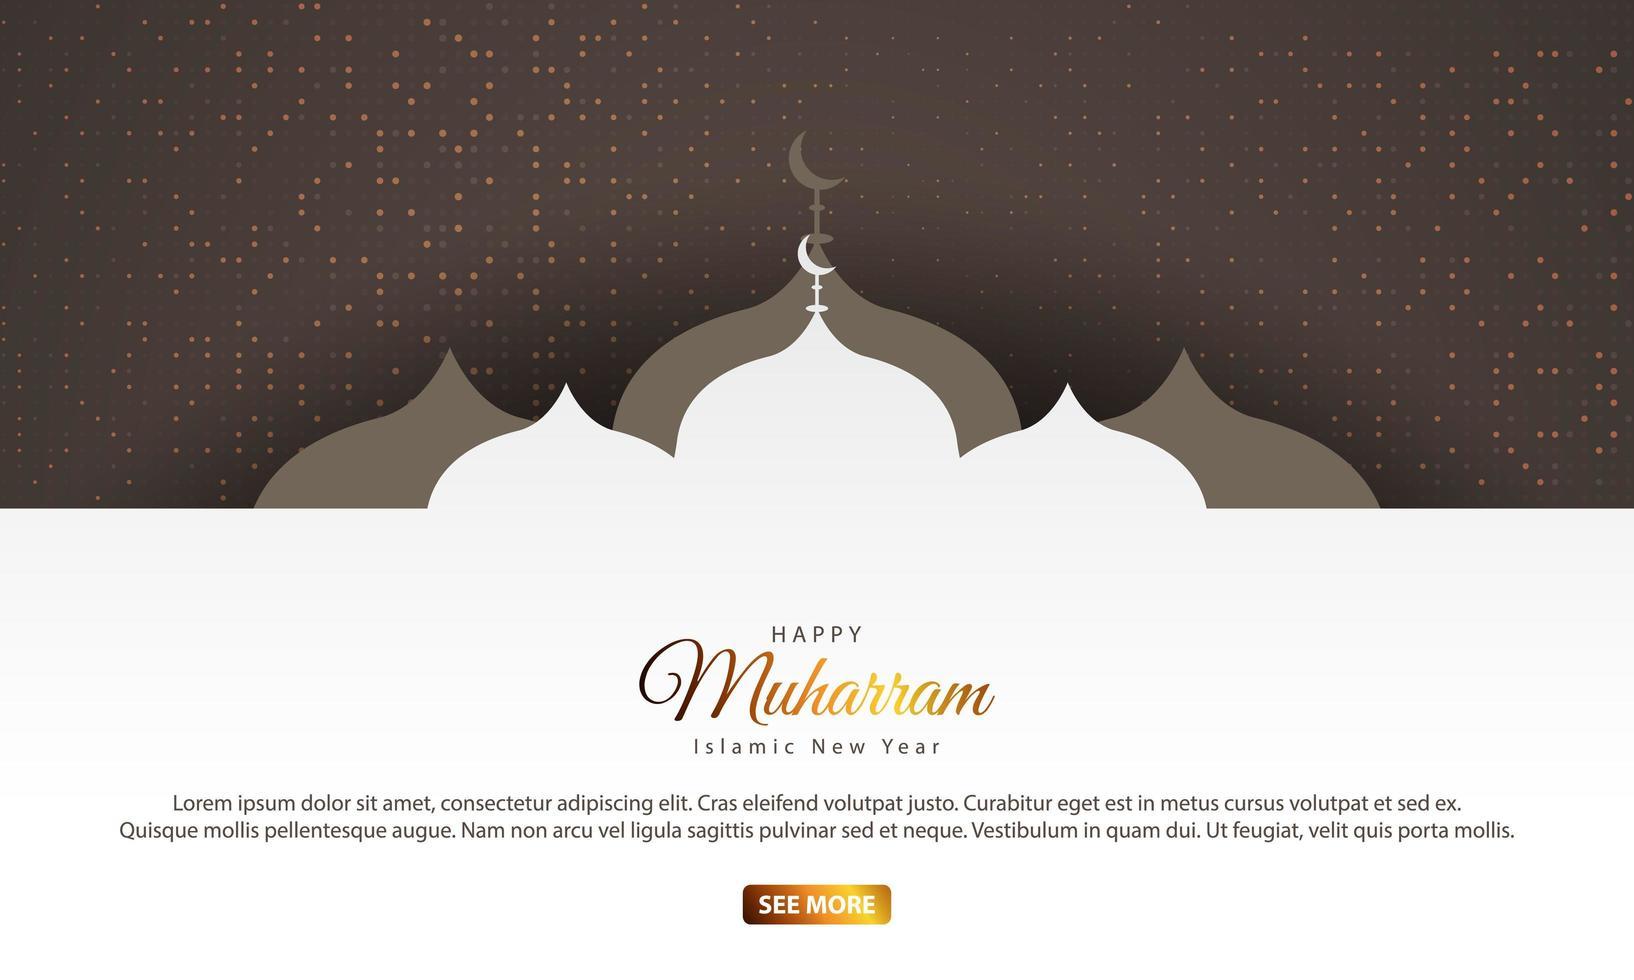 islamisches Neujahrsdesign mit Moscheeschattenbildern vektor